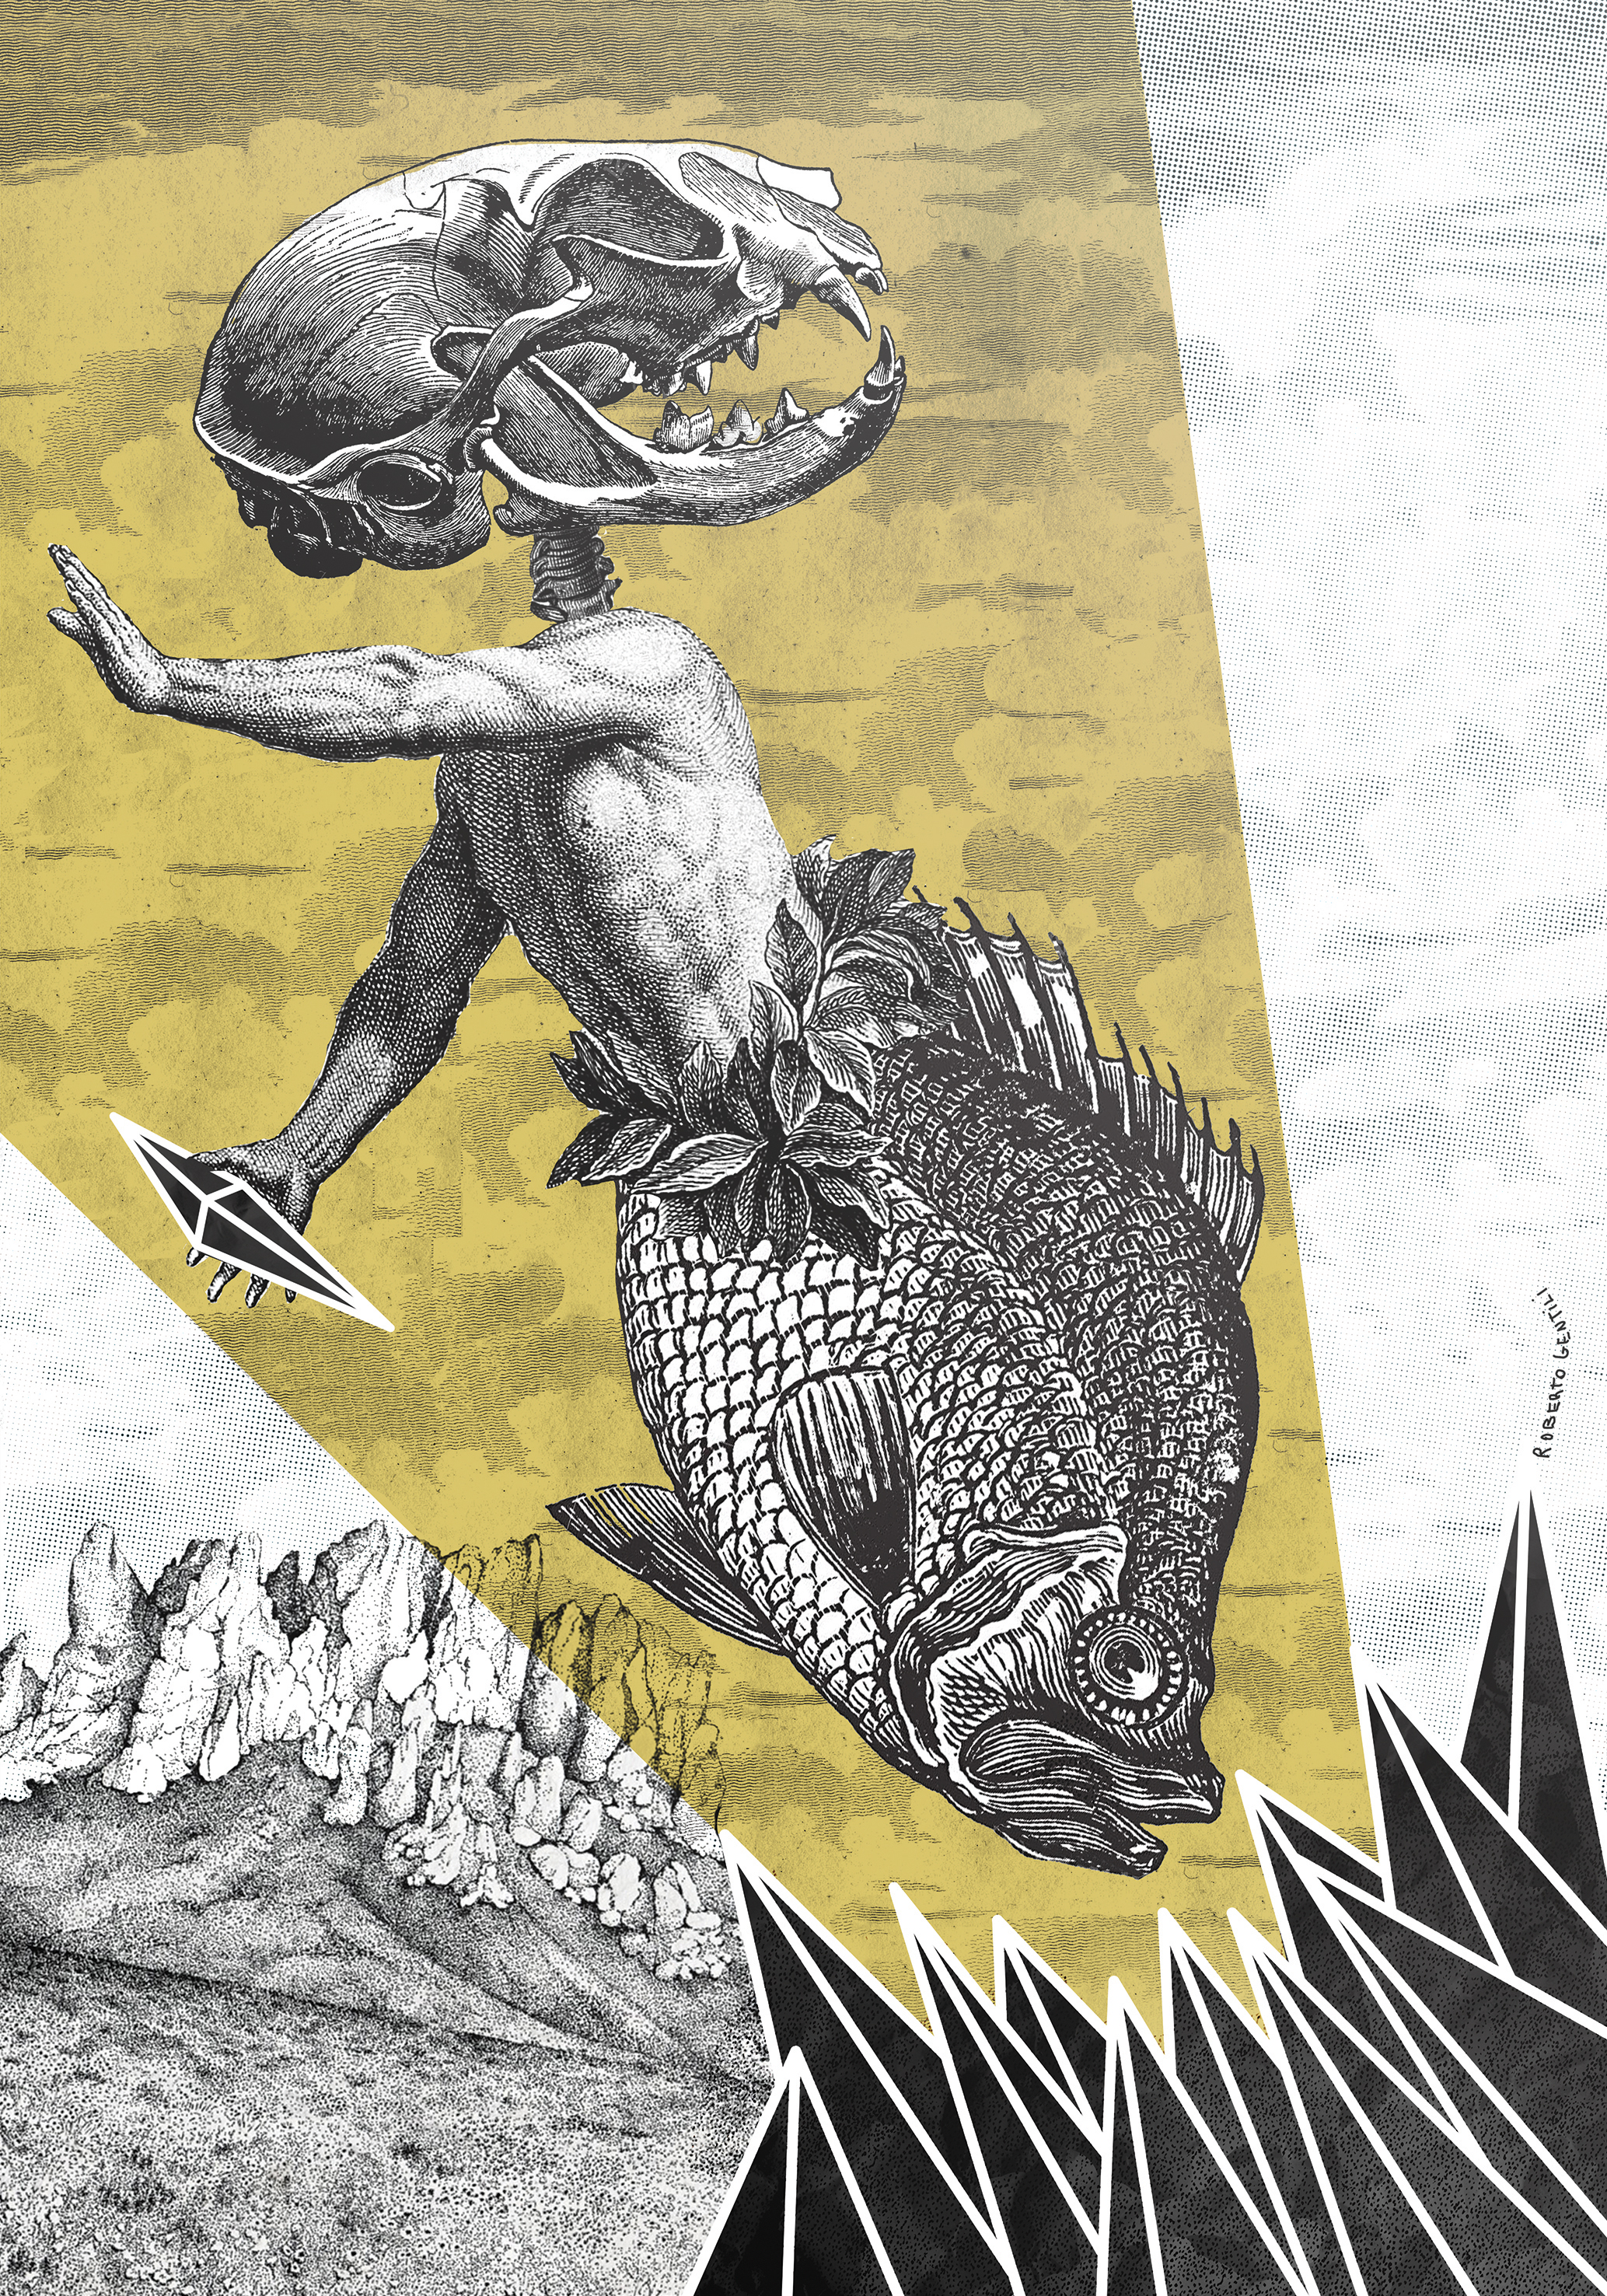 Visions, la visione post apocalittica nei poster di Roberto Gentili | Collater.al 1